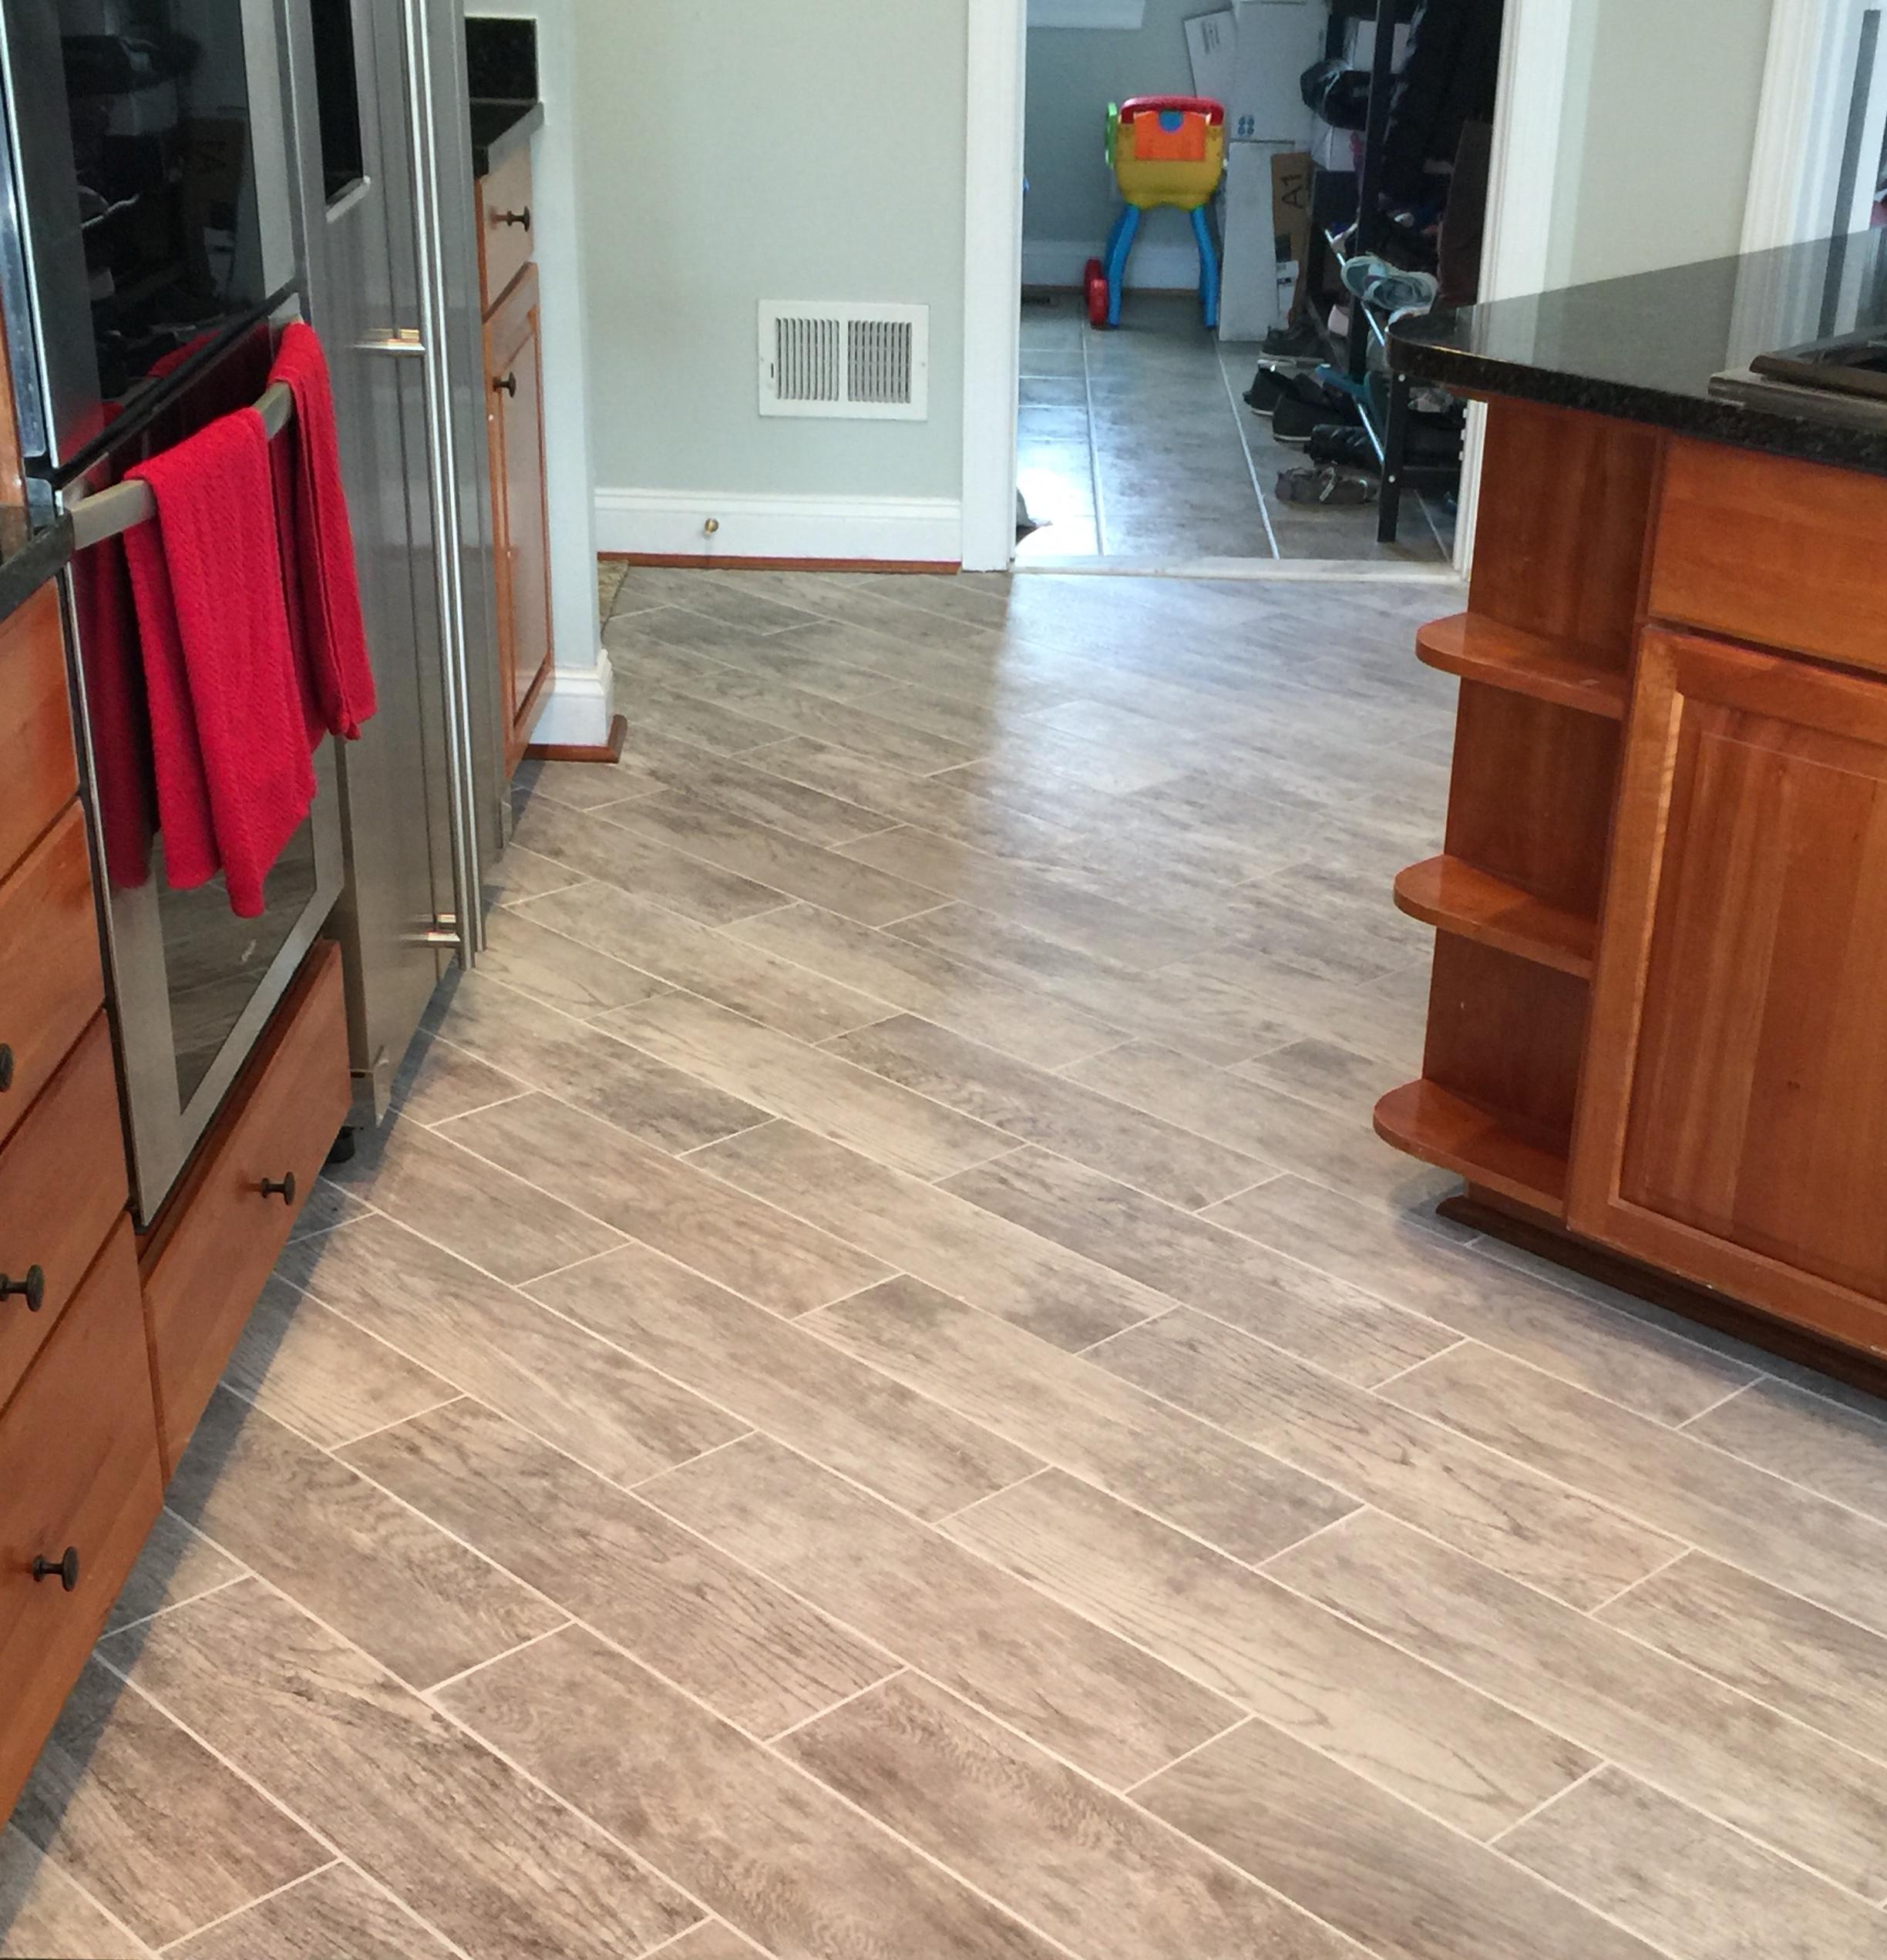 oakton kitchen porcelain tile floor.JPG